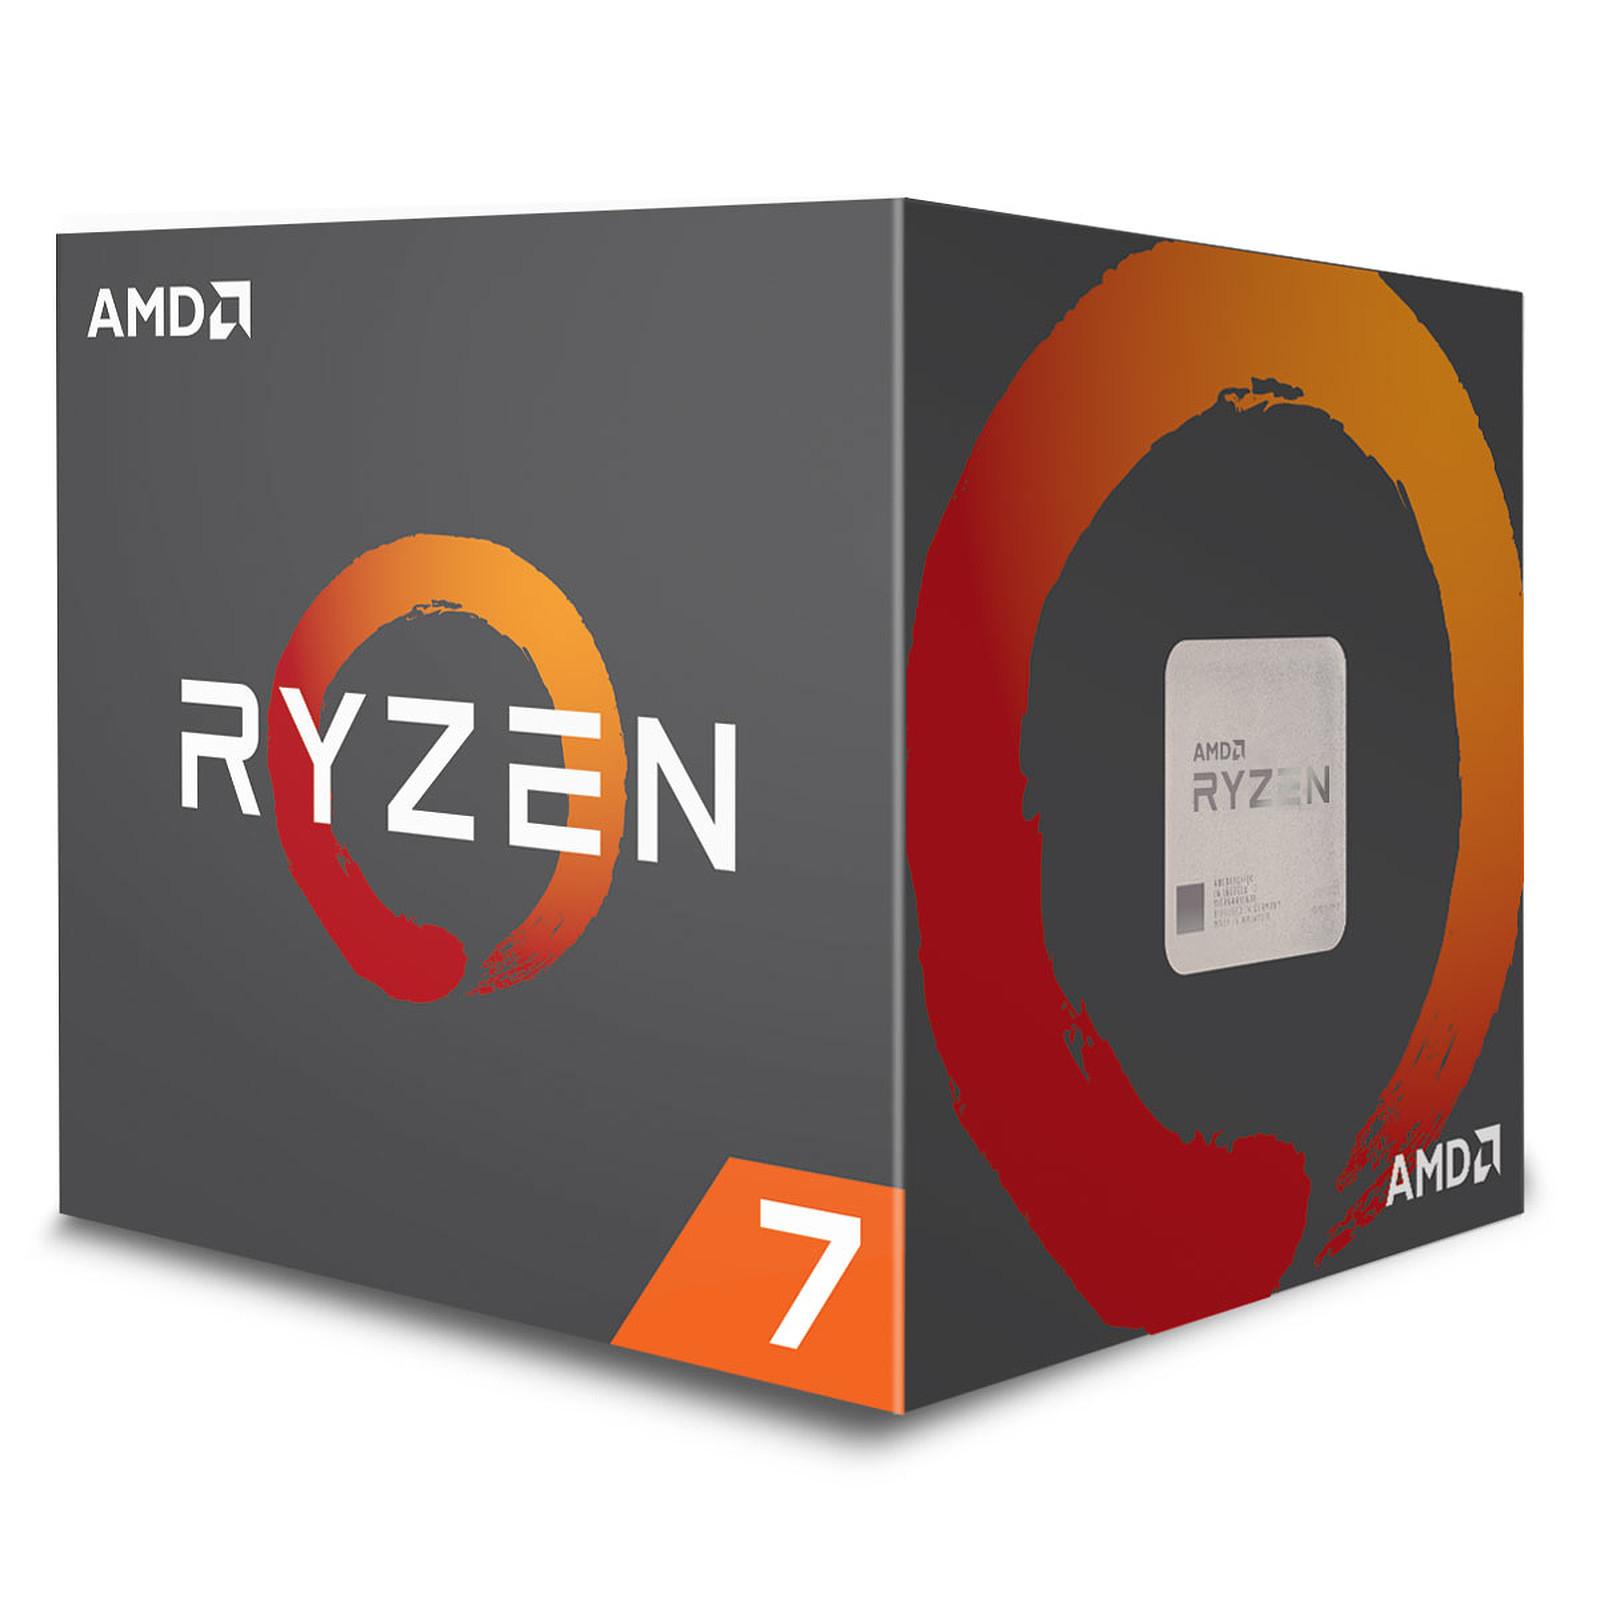 Processeur AMD Ryzen 7 2700 (3.2 GHz) + 3 mois d'abonnement Xbox Game Pass offert + 1 jeu au choix offert